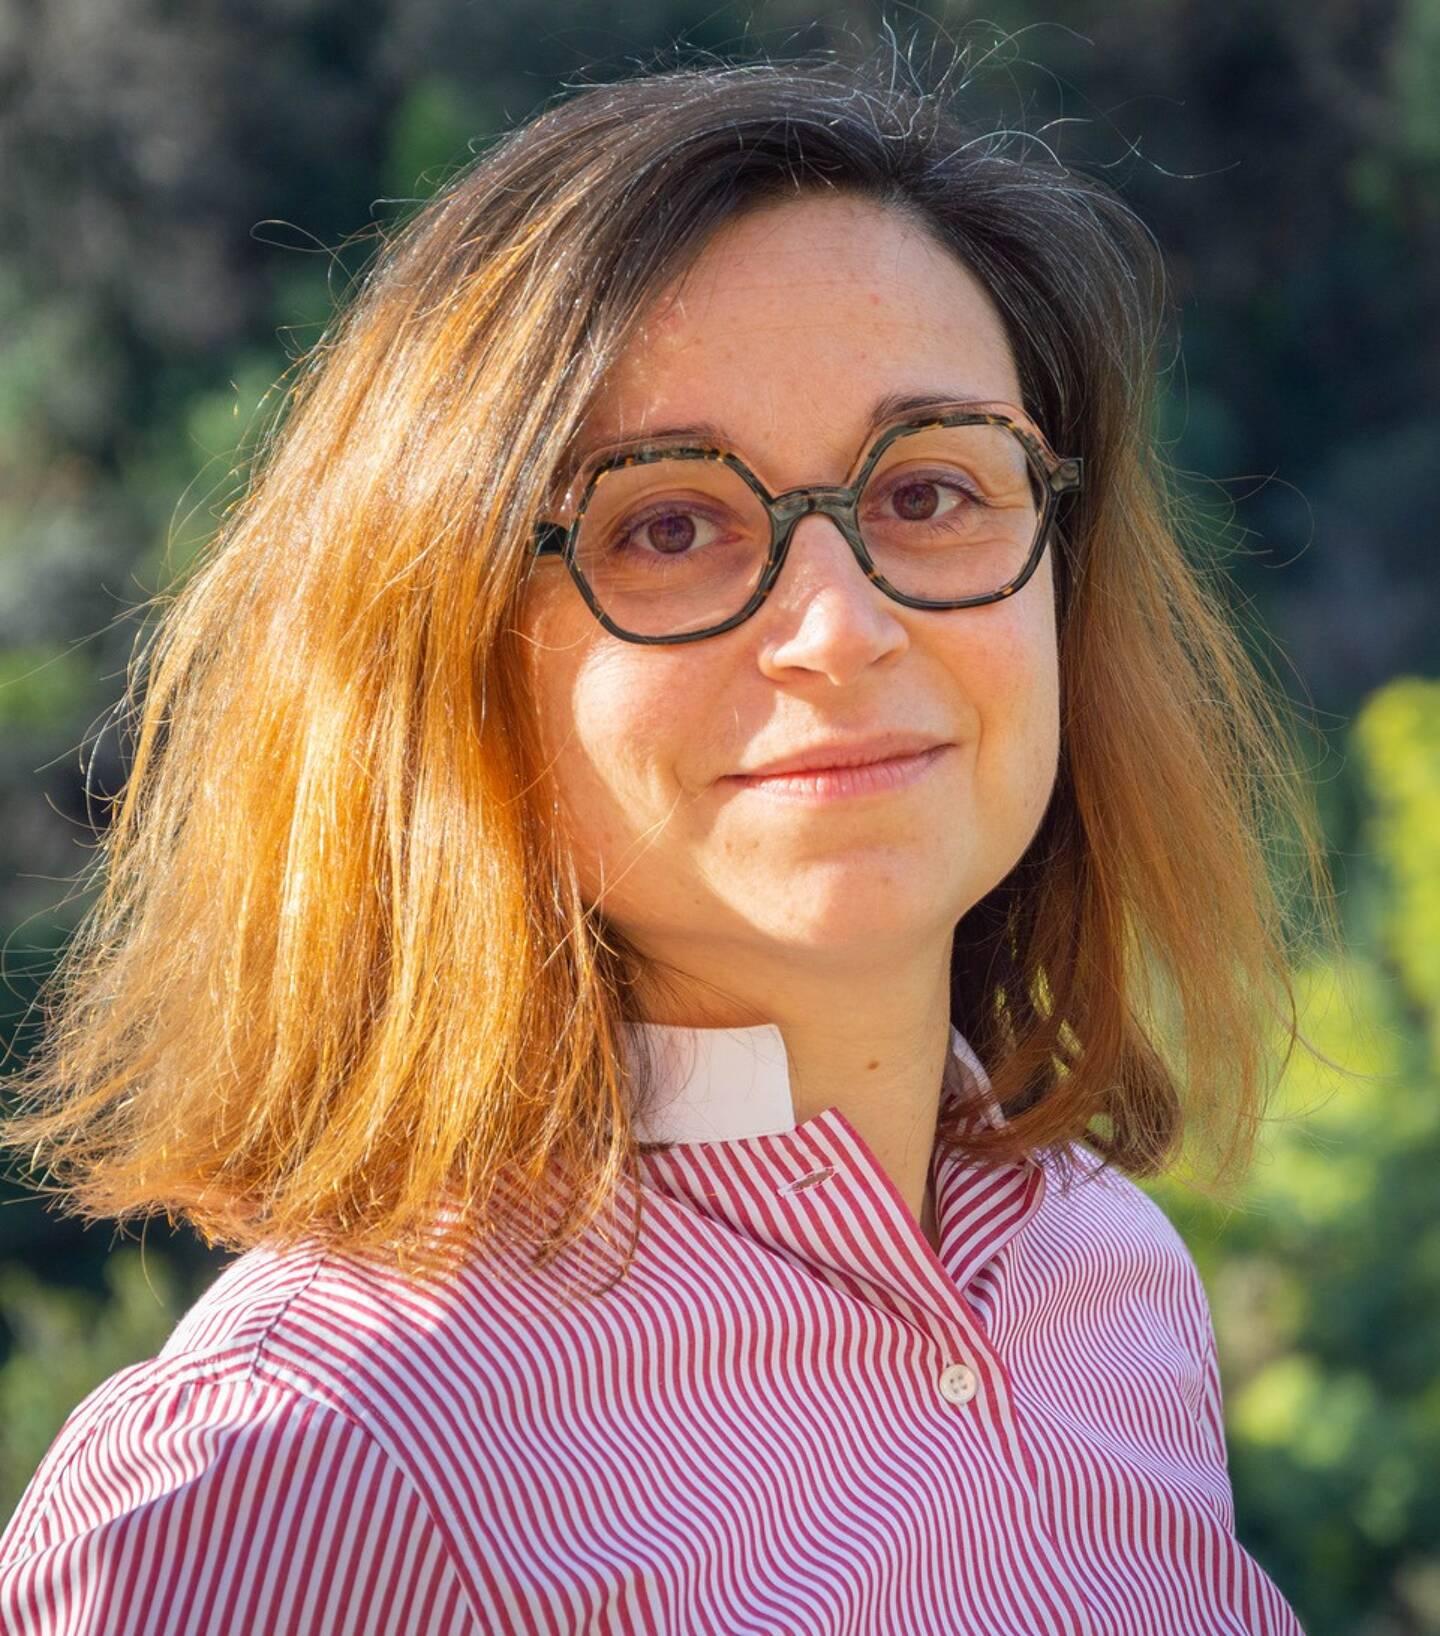 Estelle Giorgio-Reverdiau quitte le groupe d'opposition mené par olivier Bettati au conseil municipal de Menton.